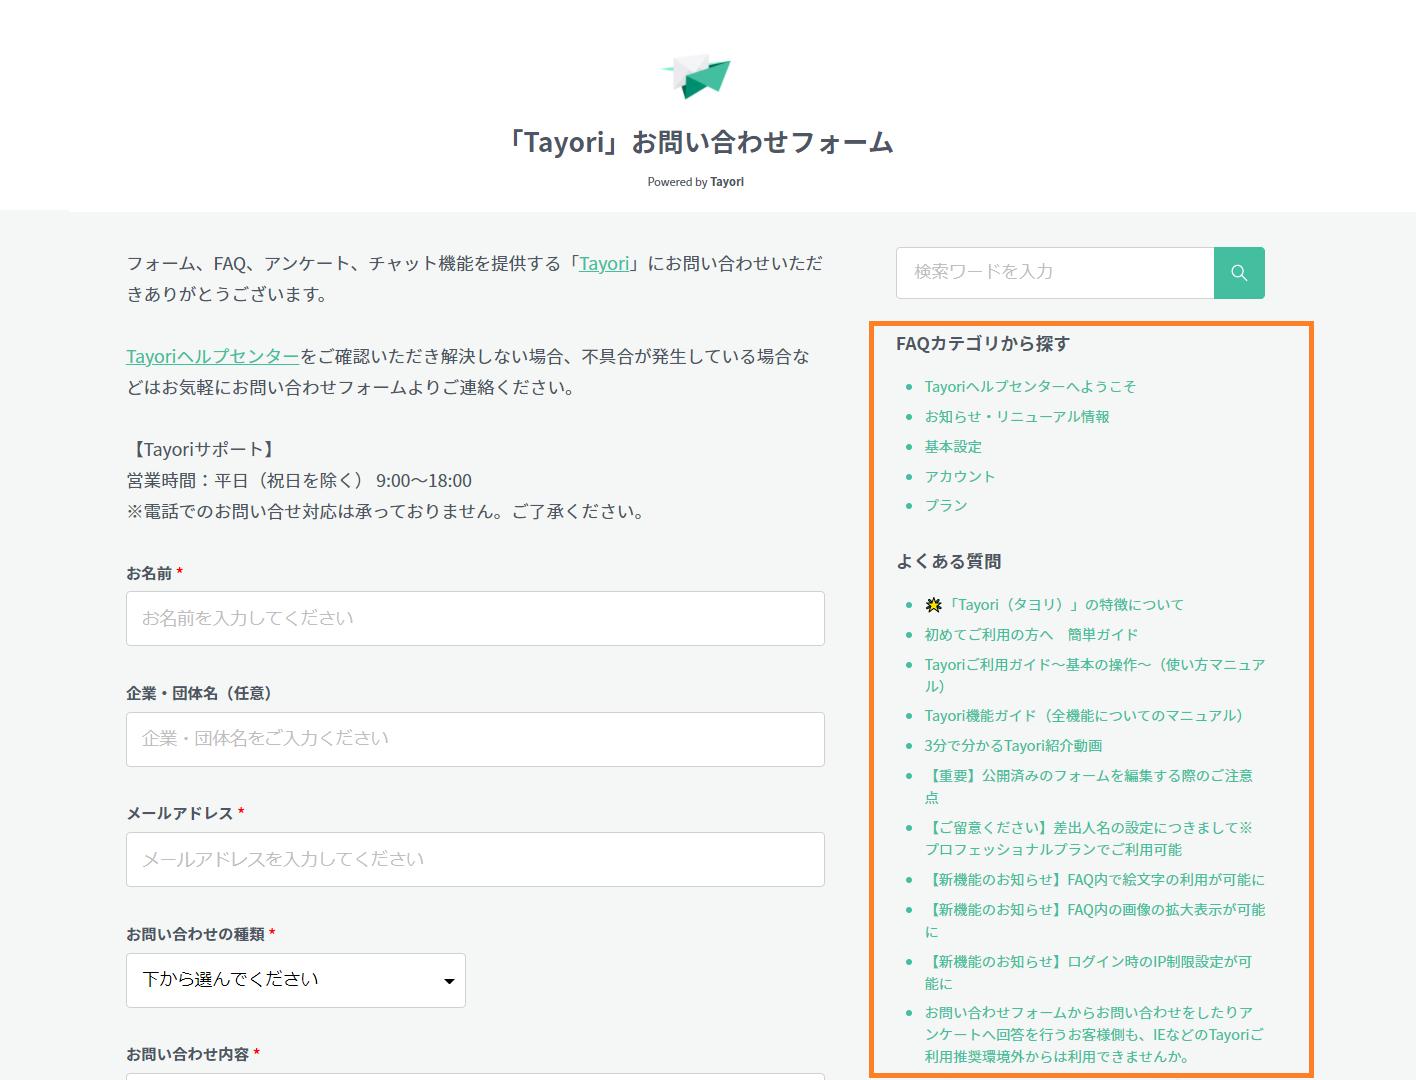 フォームとFAQ連携.png